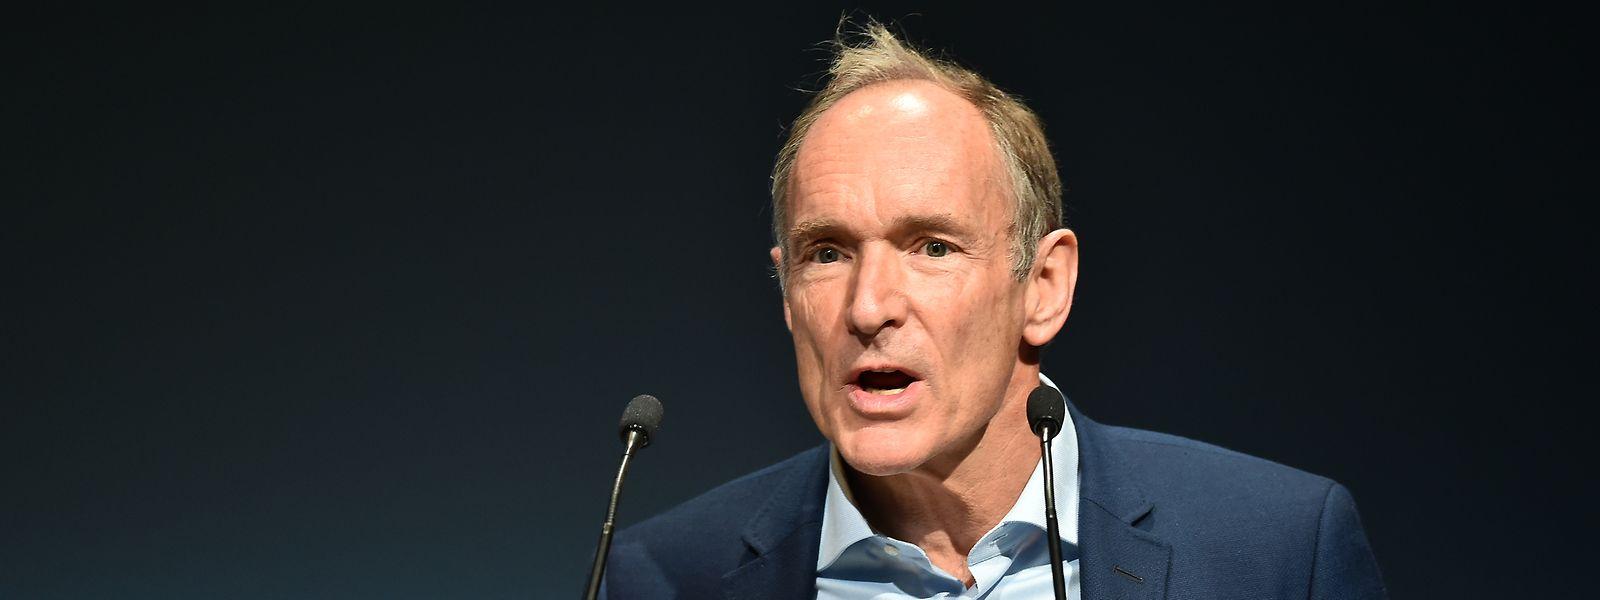 Tim Berners-Lee é considerado um dos pais da WWW (world wide web).